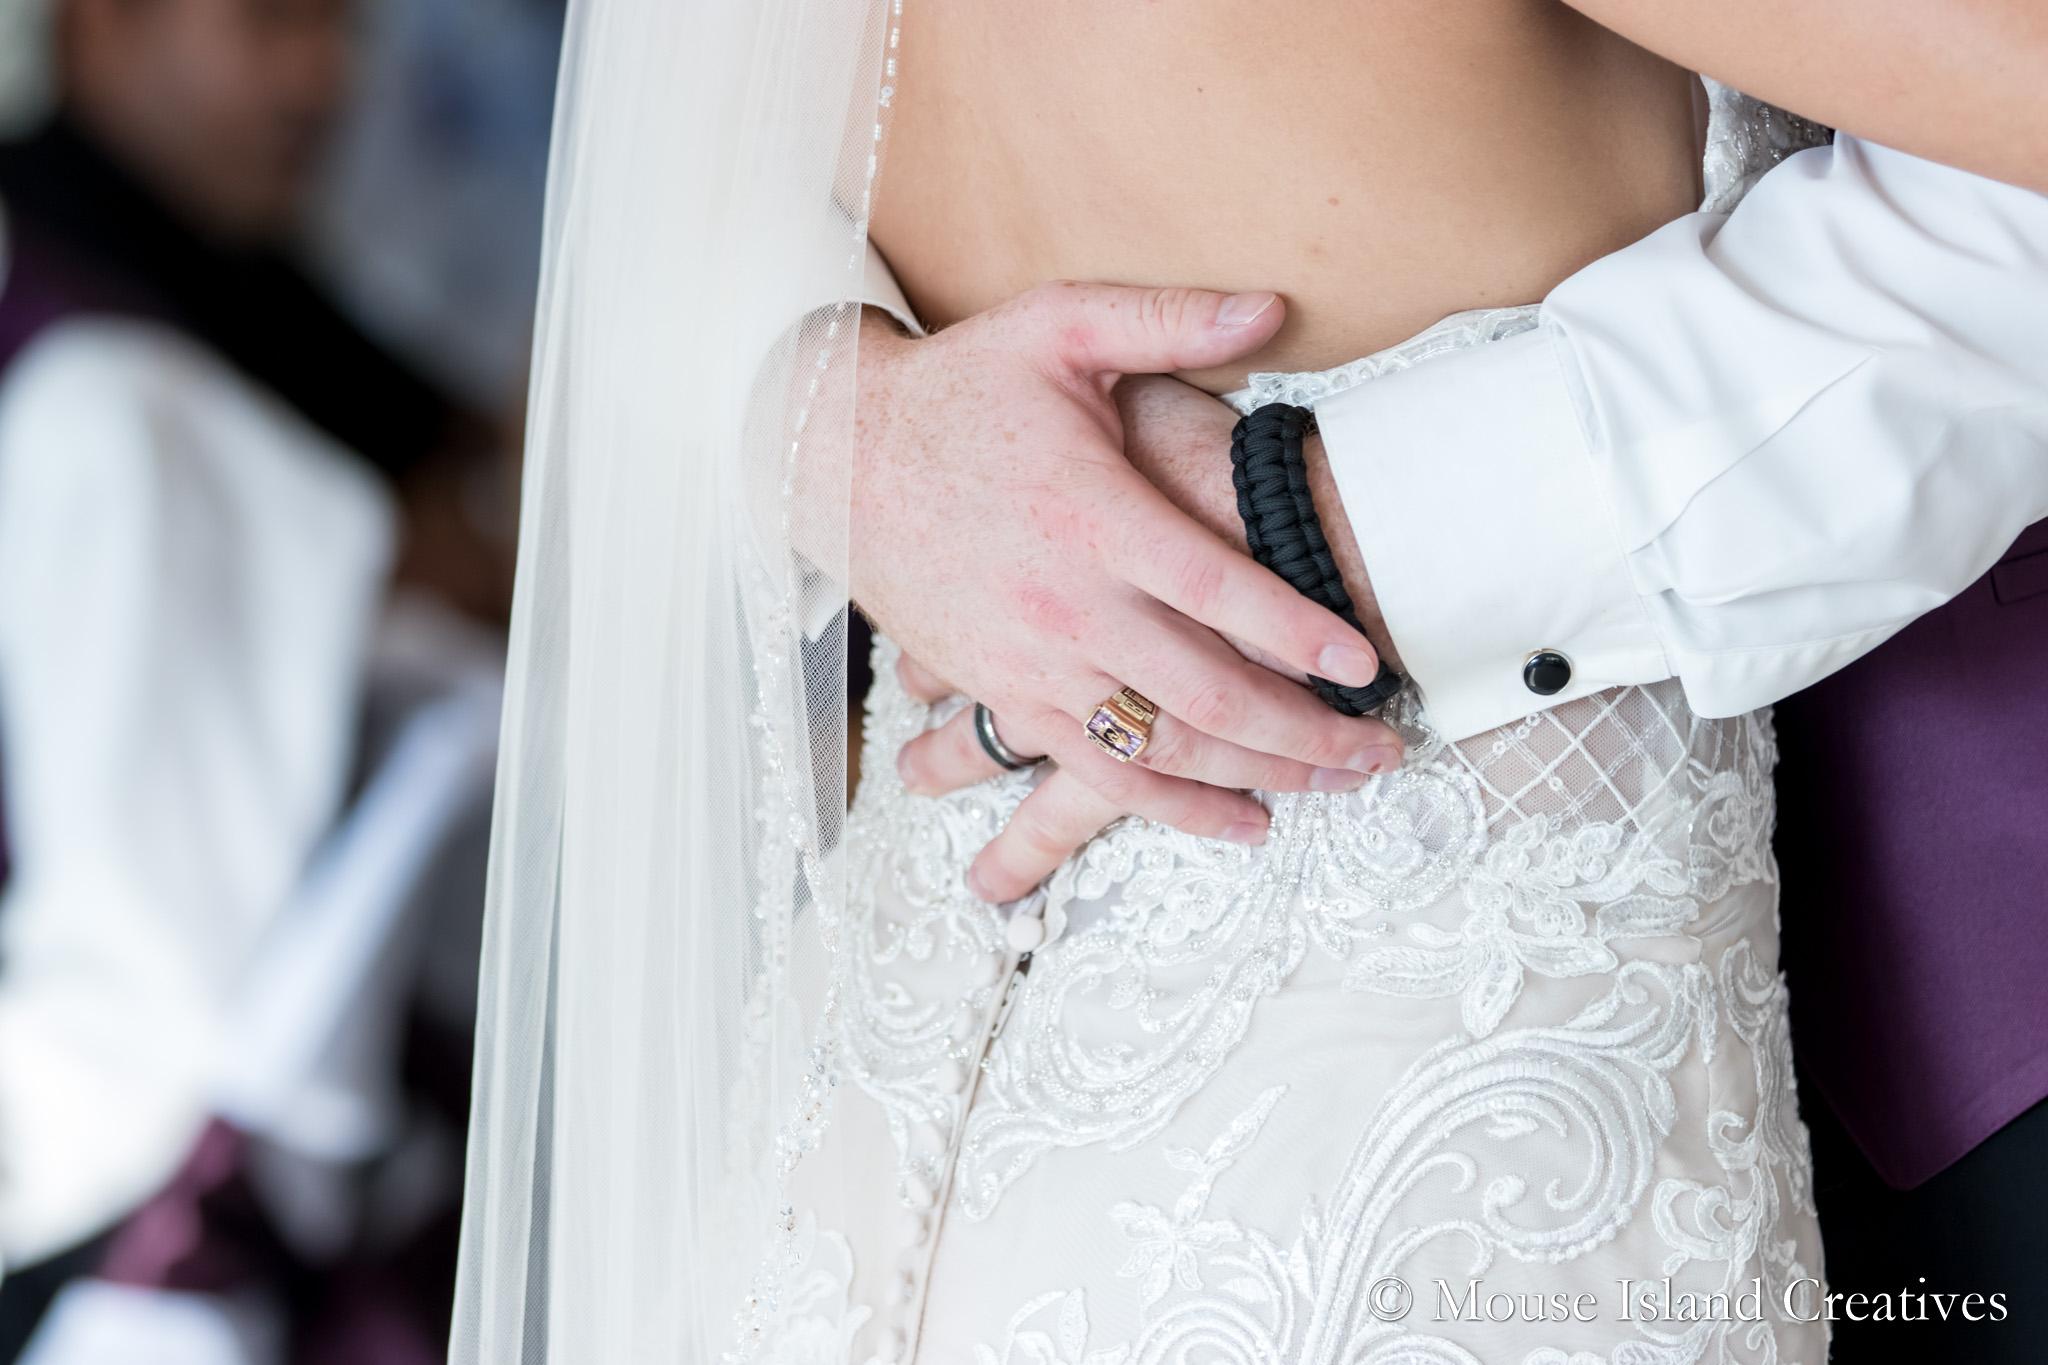 photo of groom's hands around bride's waist